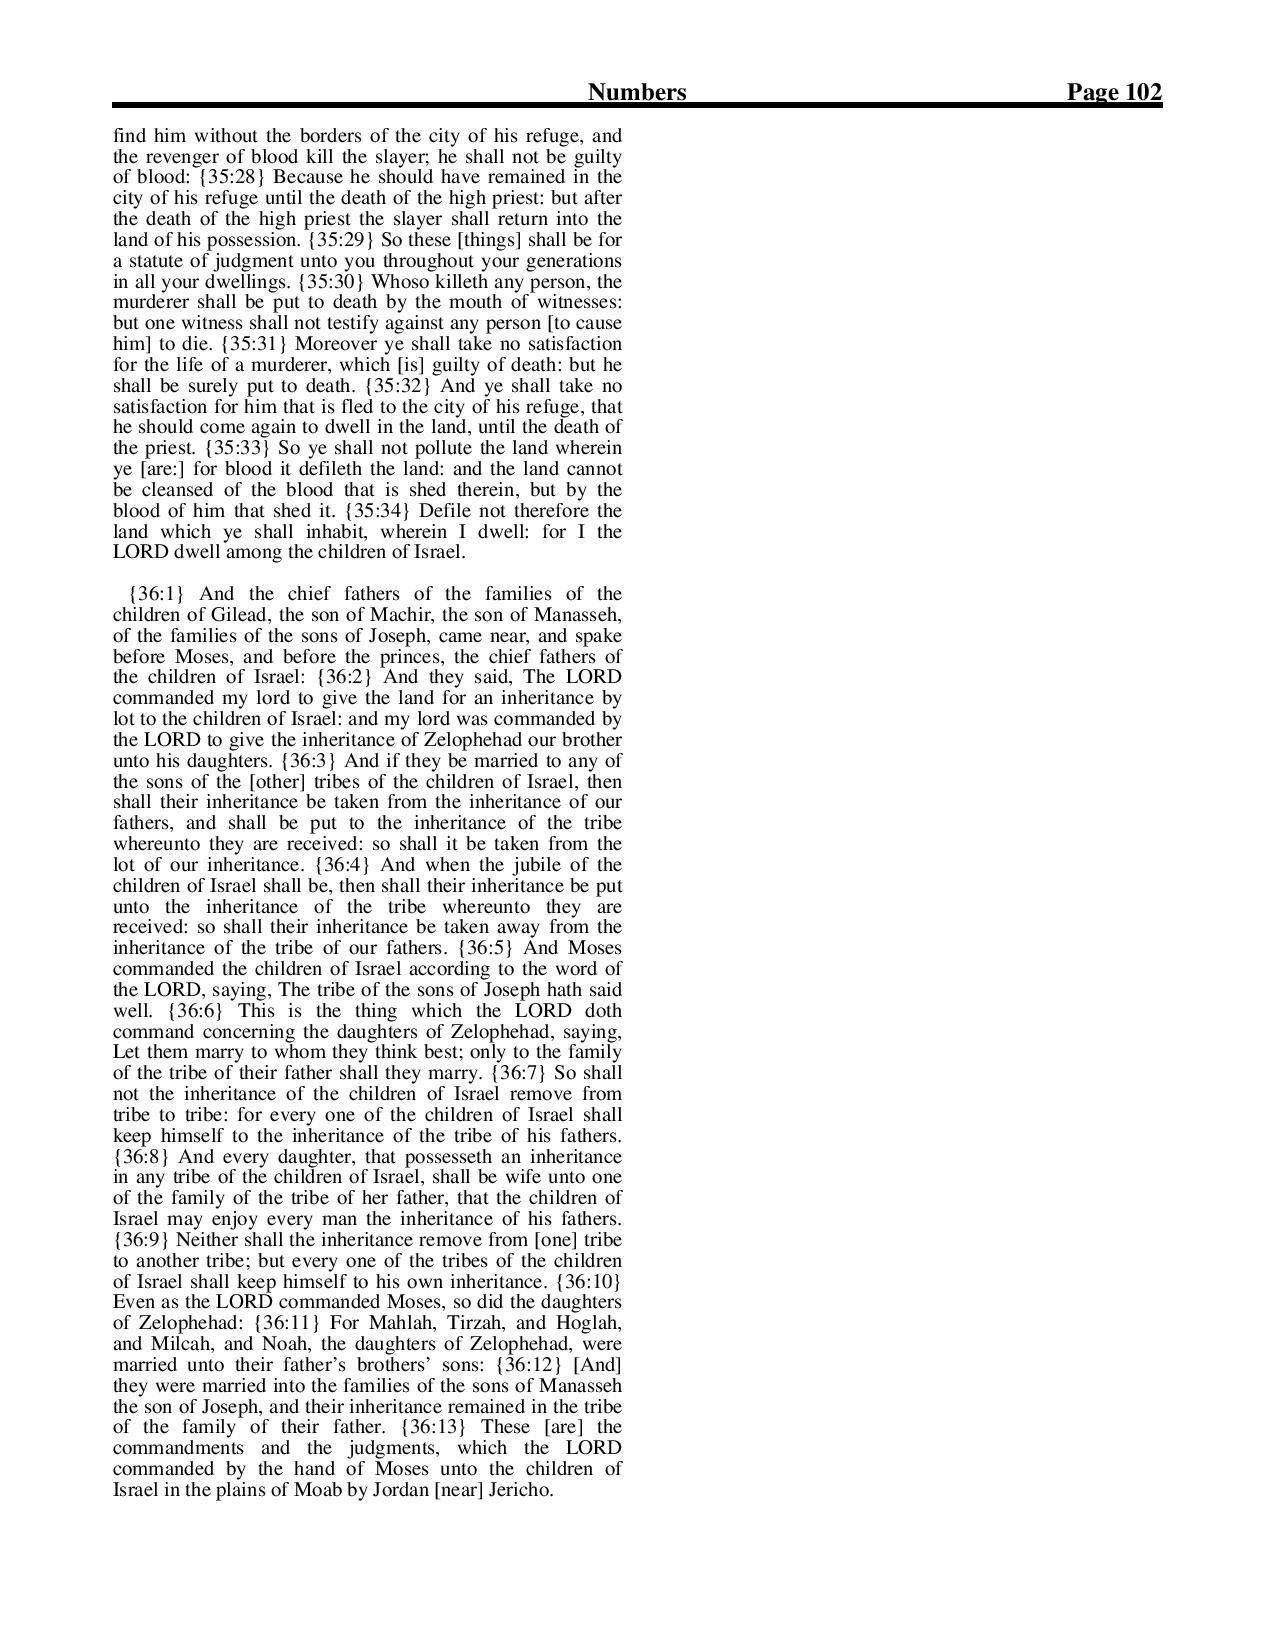 King-James-Bible-KJV-Bible-PDF-page-123